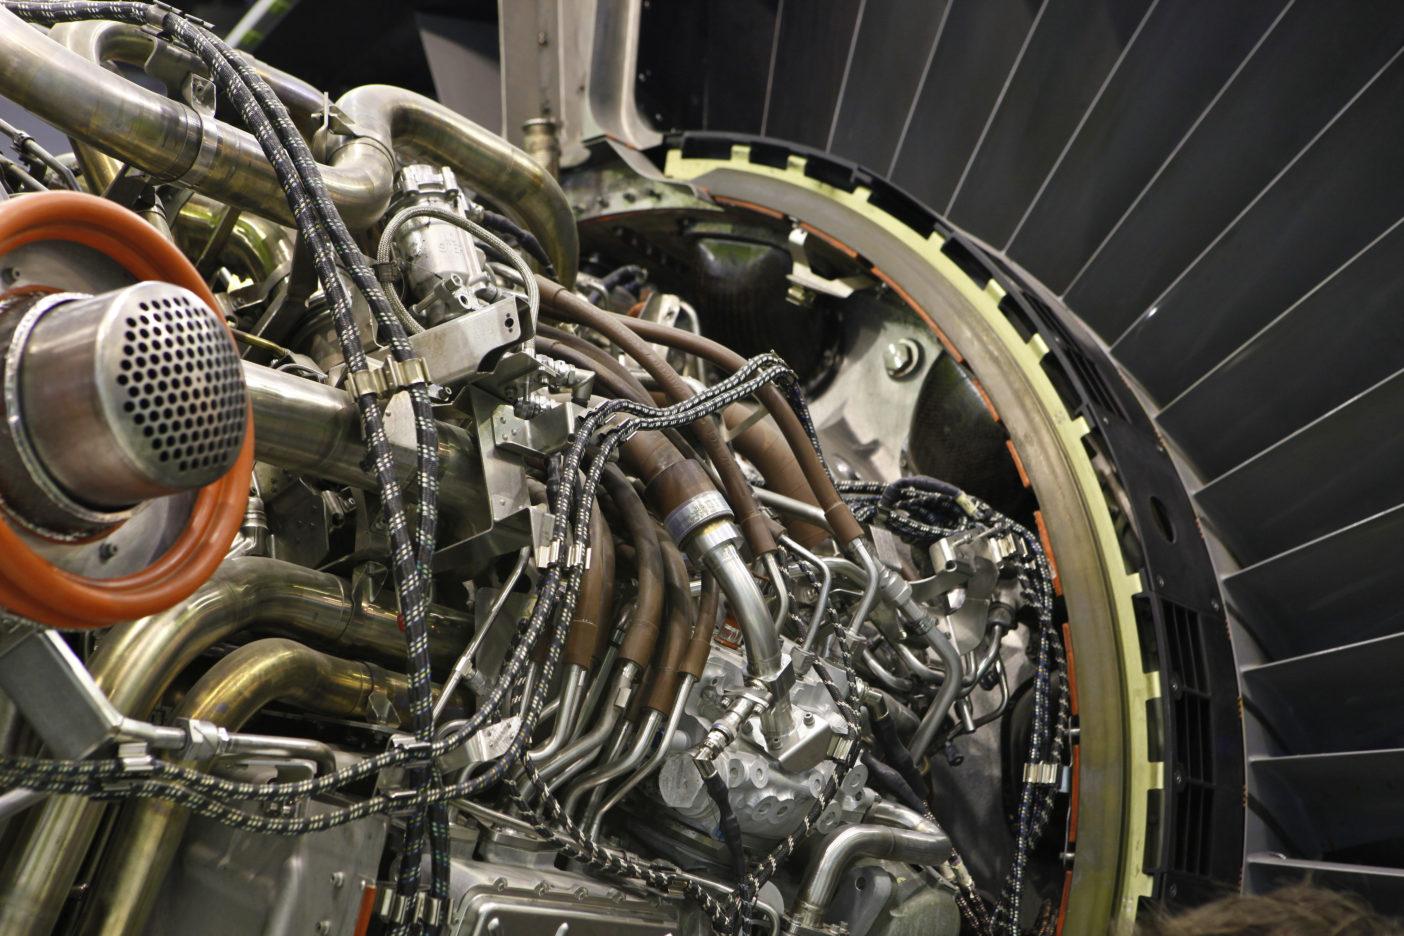 Détail de réacteur aéronautique